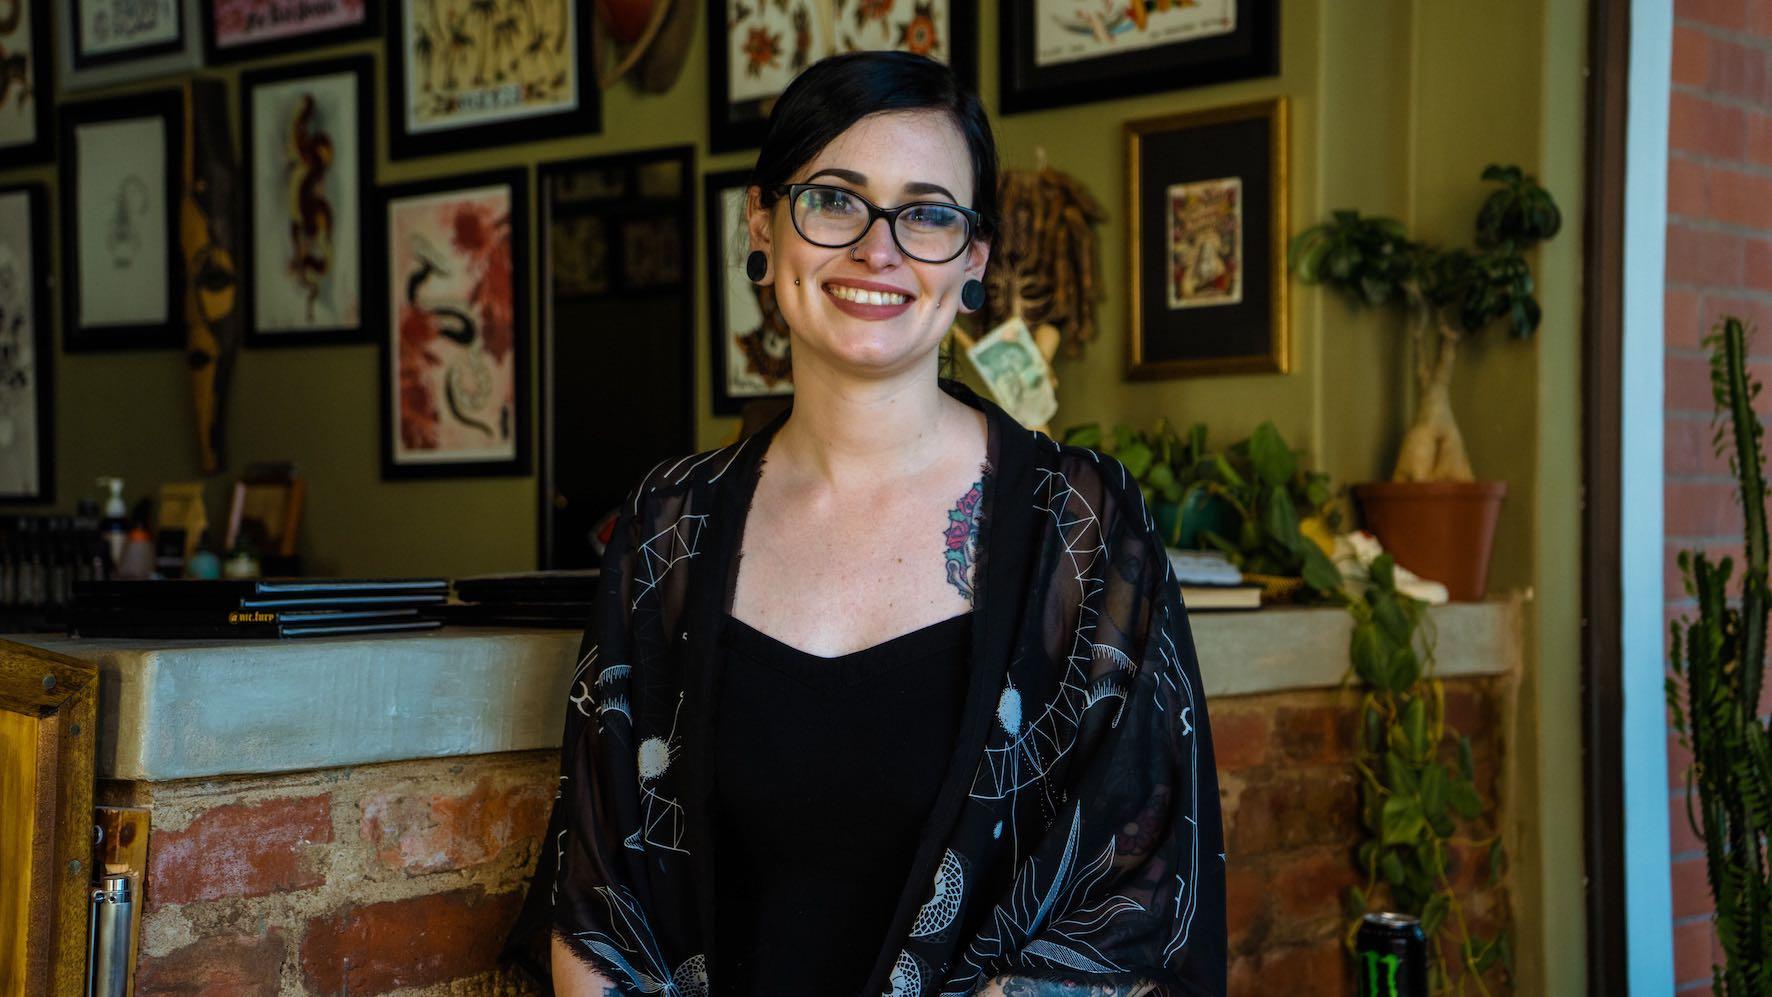 We interview Tattoo Artist Rebecca Claxton